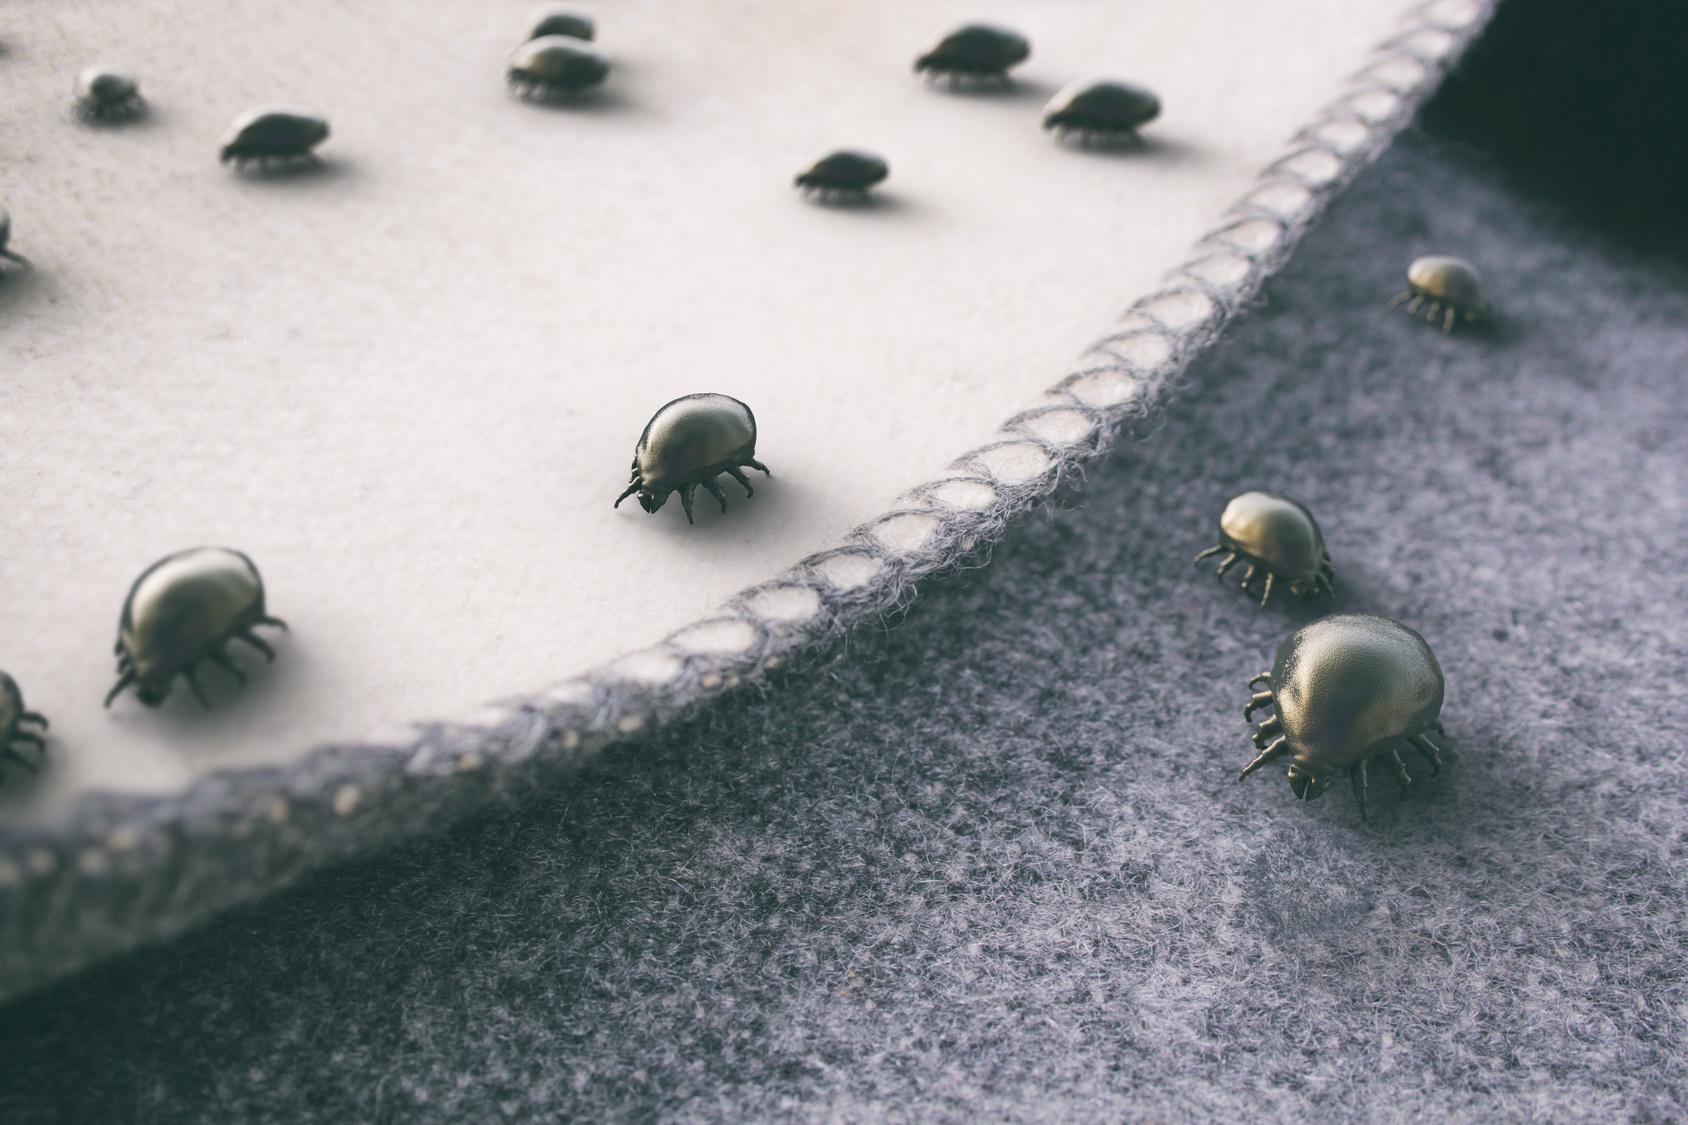 Comment lutter contre les mites ? Les conseils de Mon Magasin Général